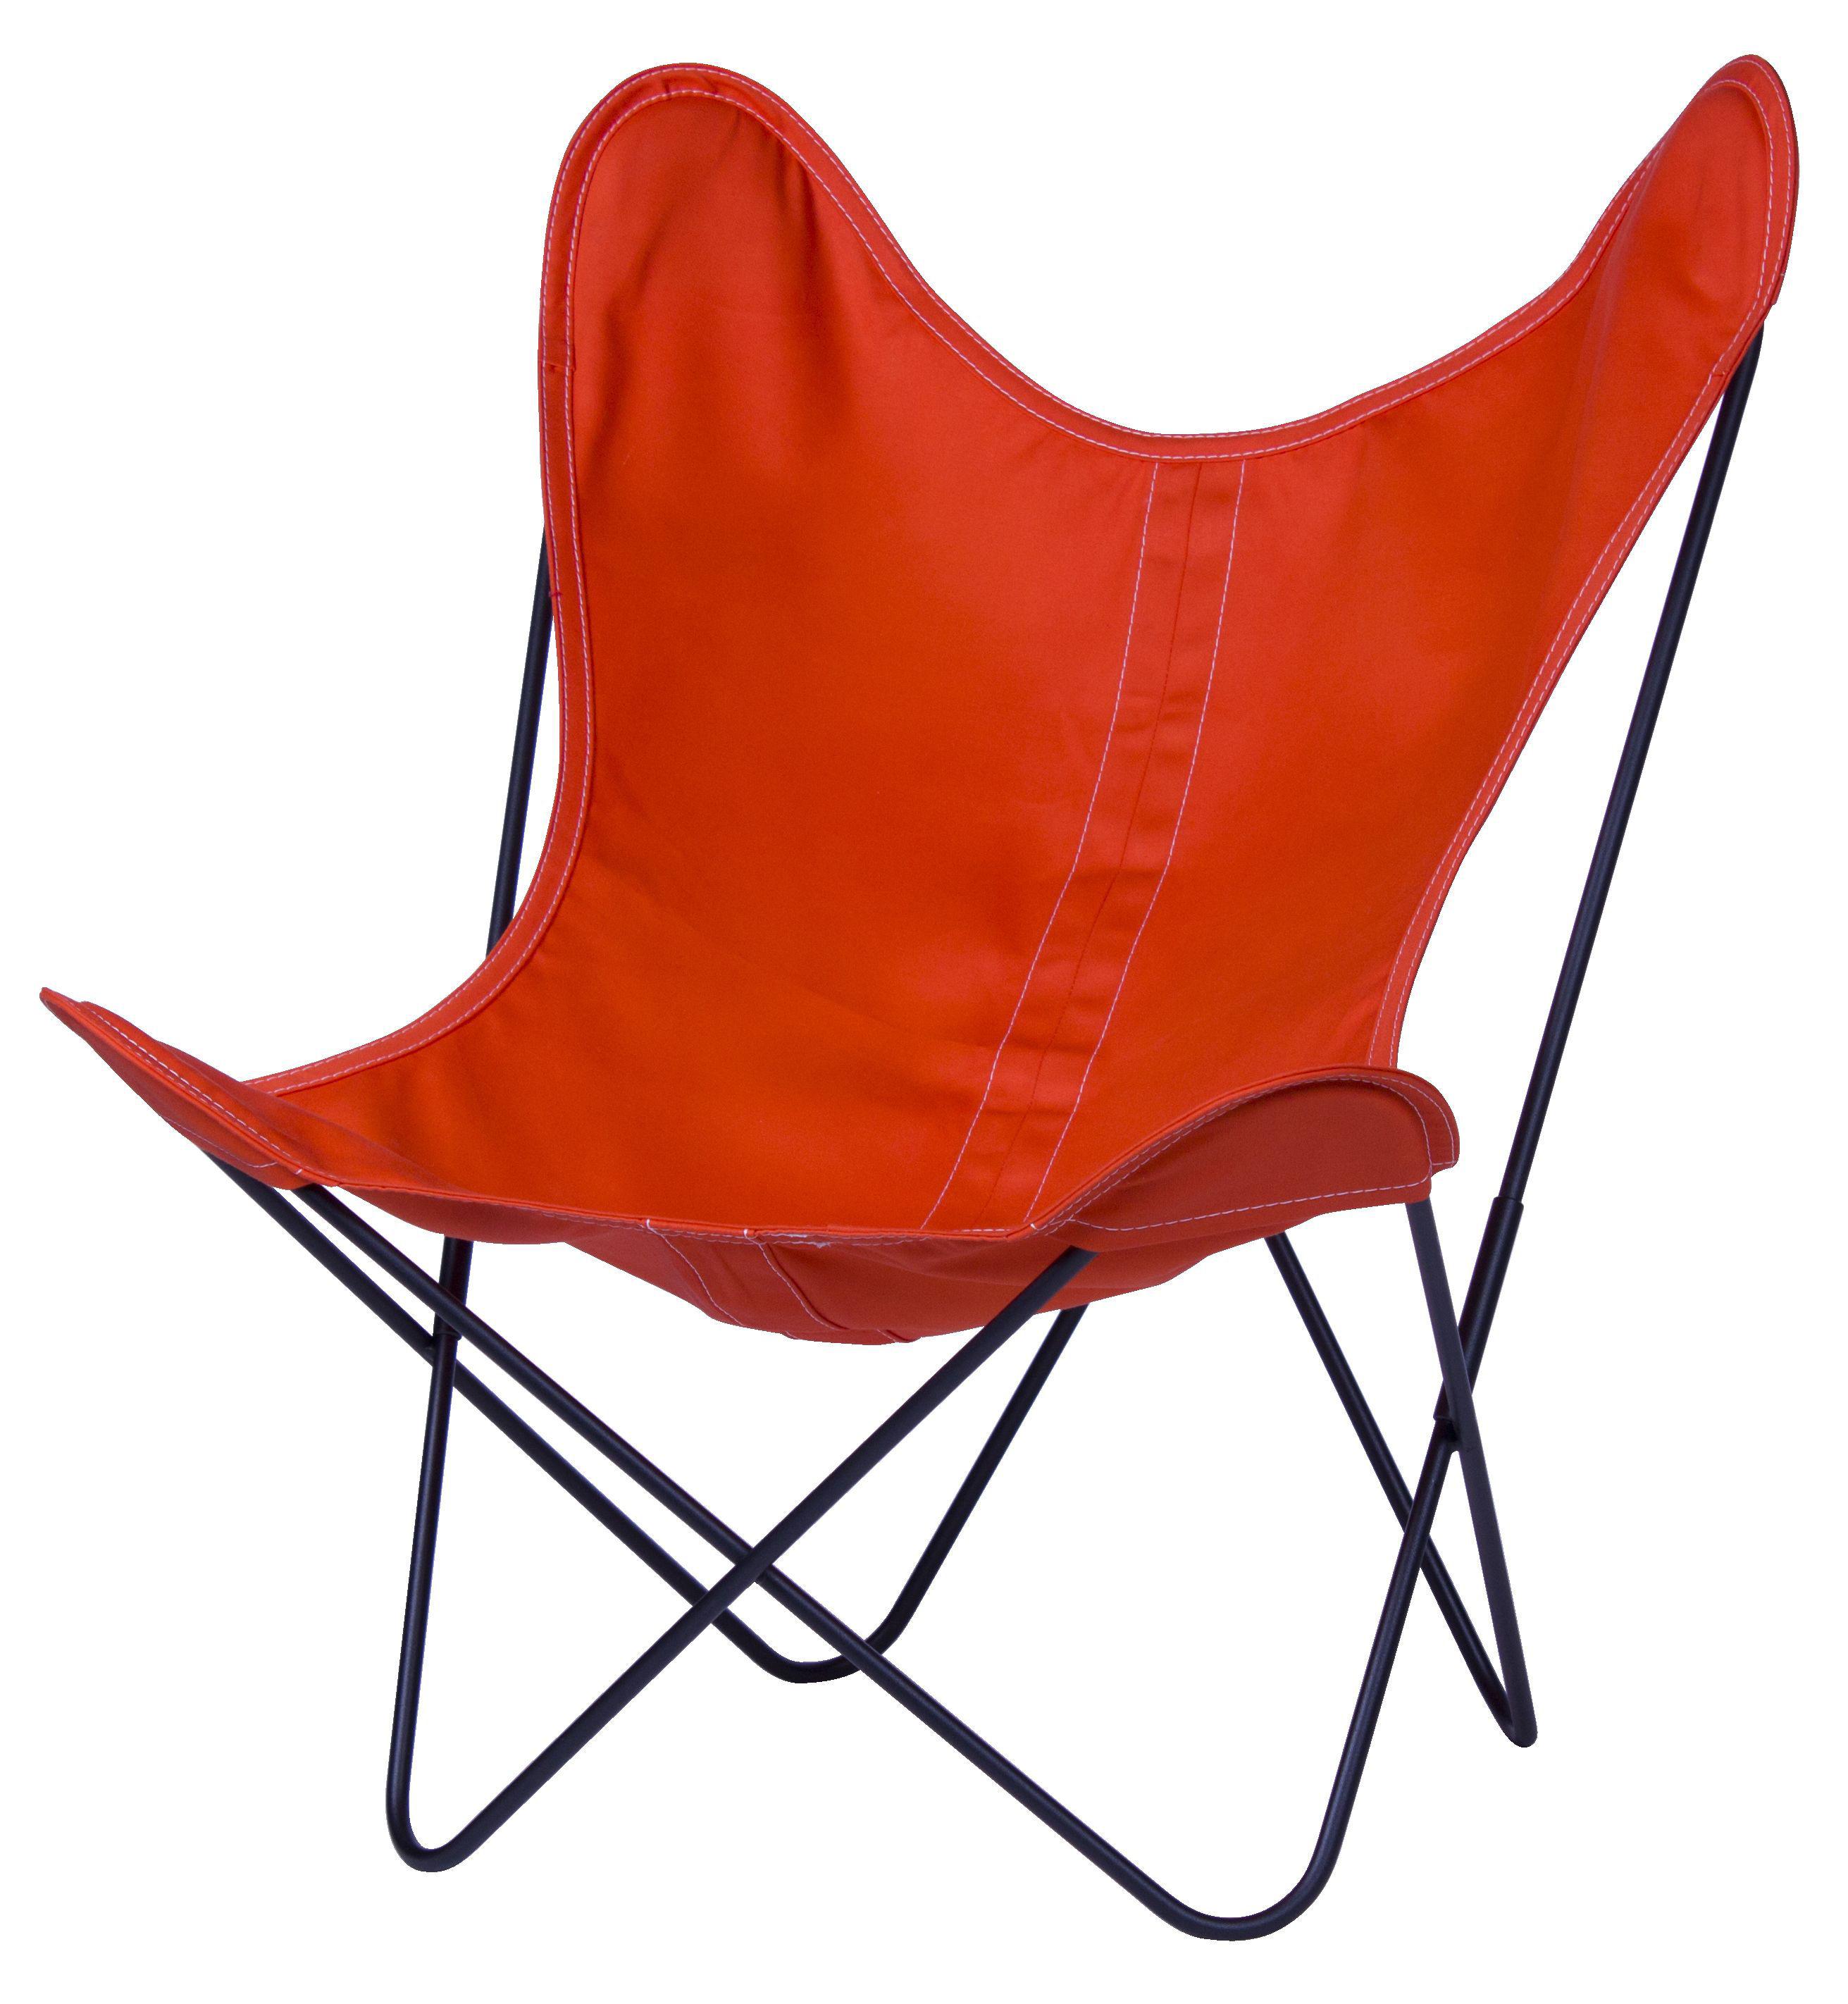 Arredamento - Poltrone design  - Poltrona AA Butterfly di AA-New Design - Struttura nera/Tela mandarino - Acciaio laccato, Tela